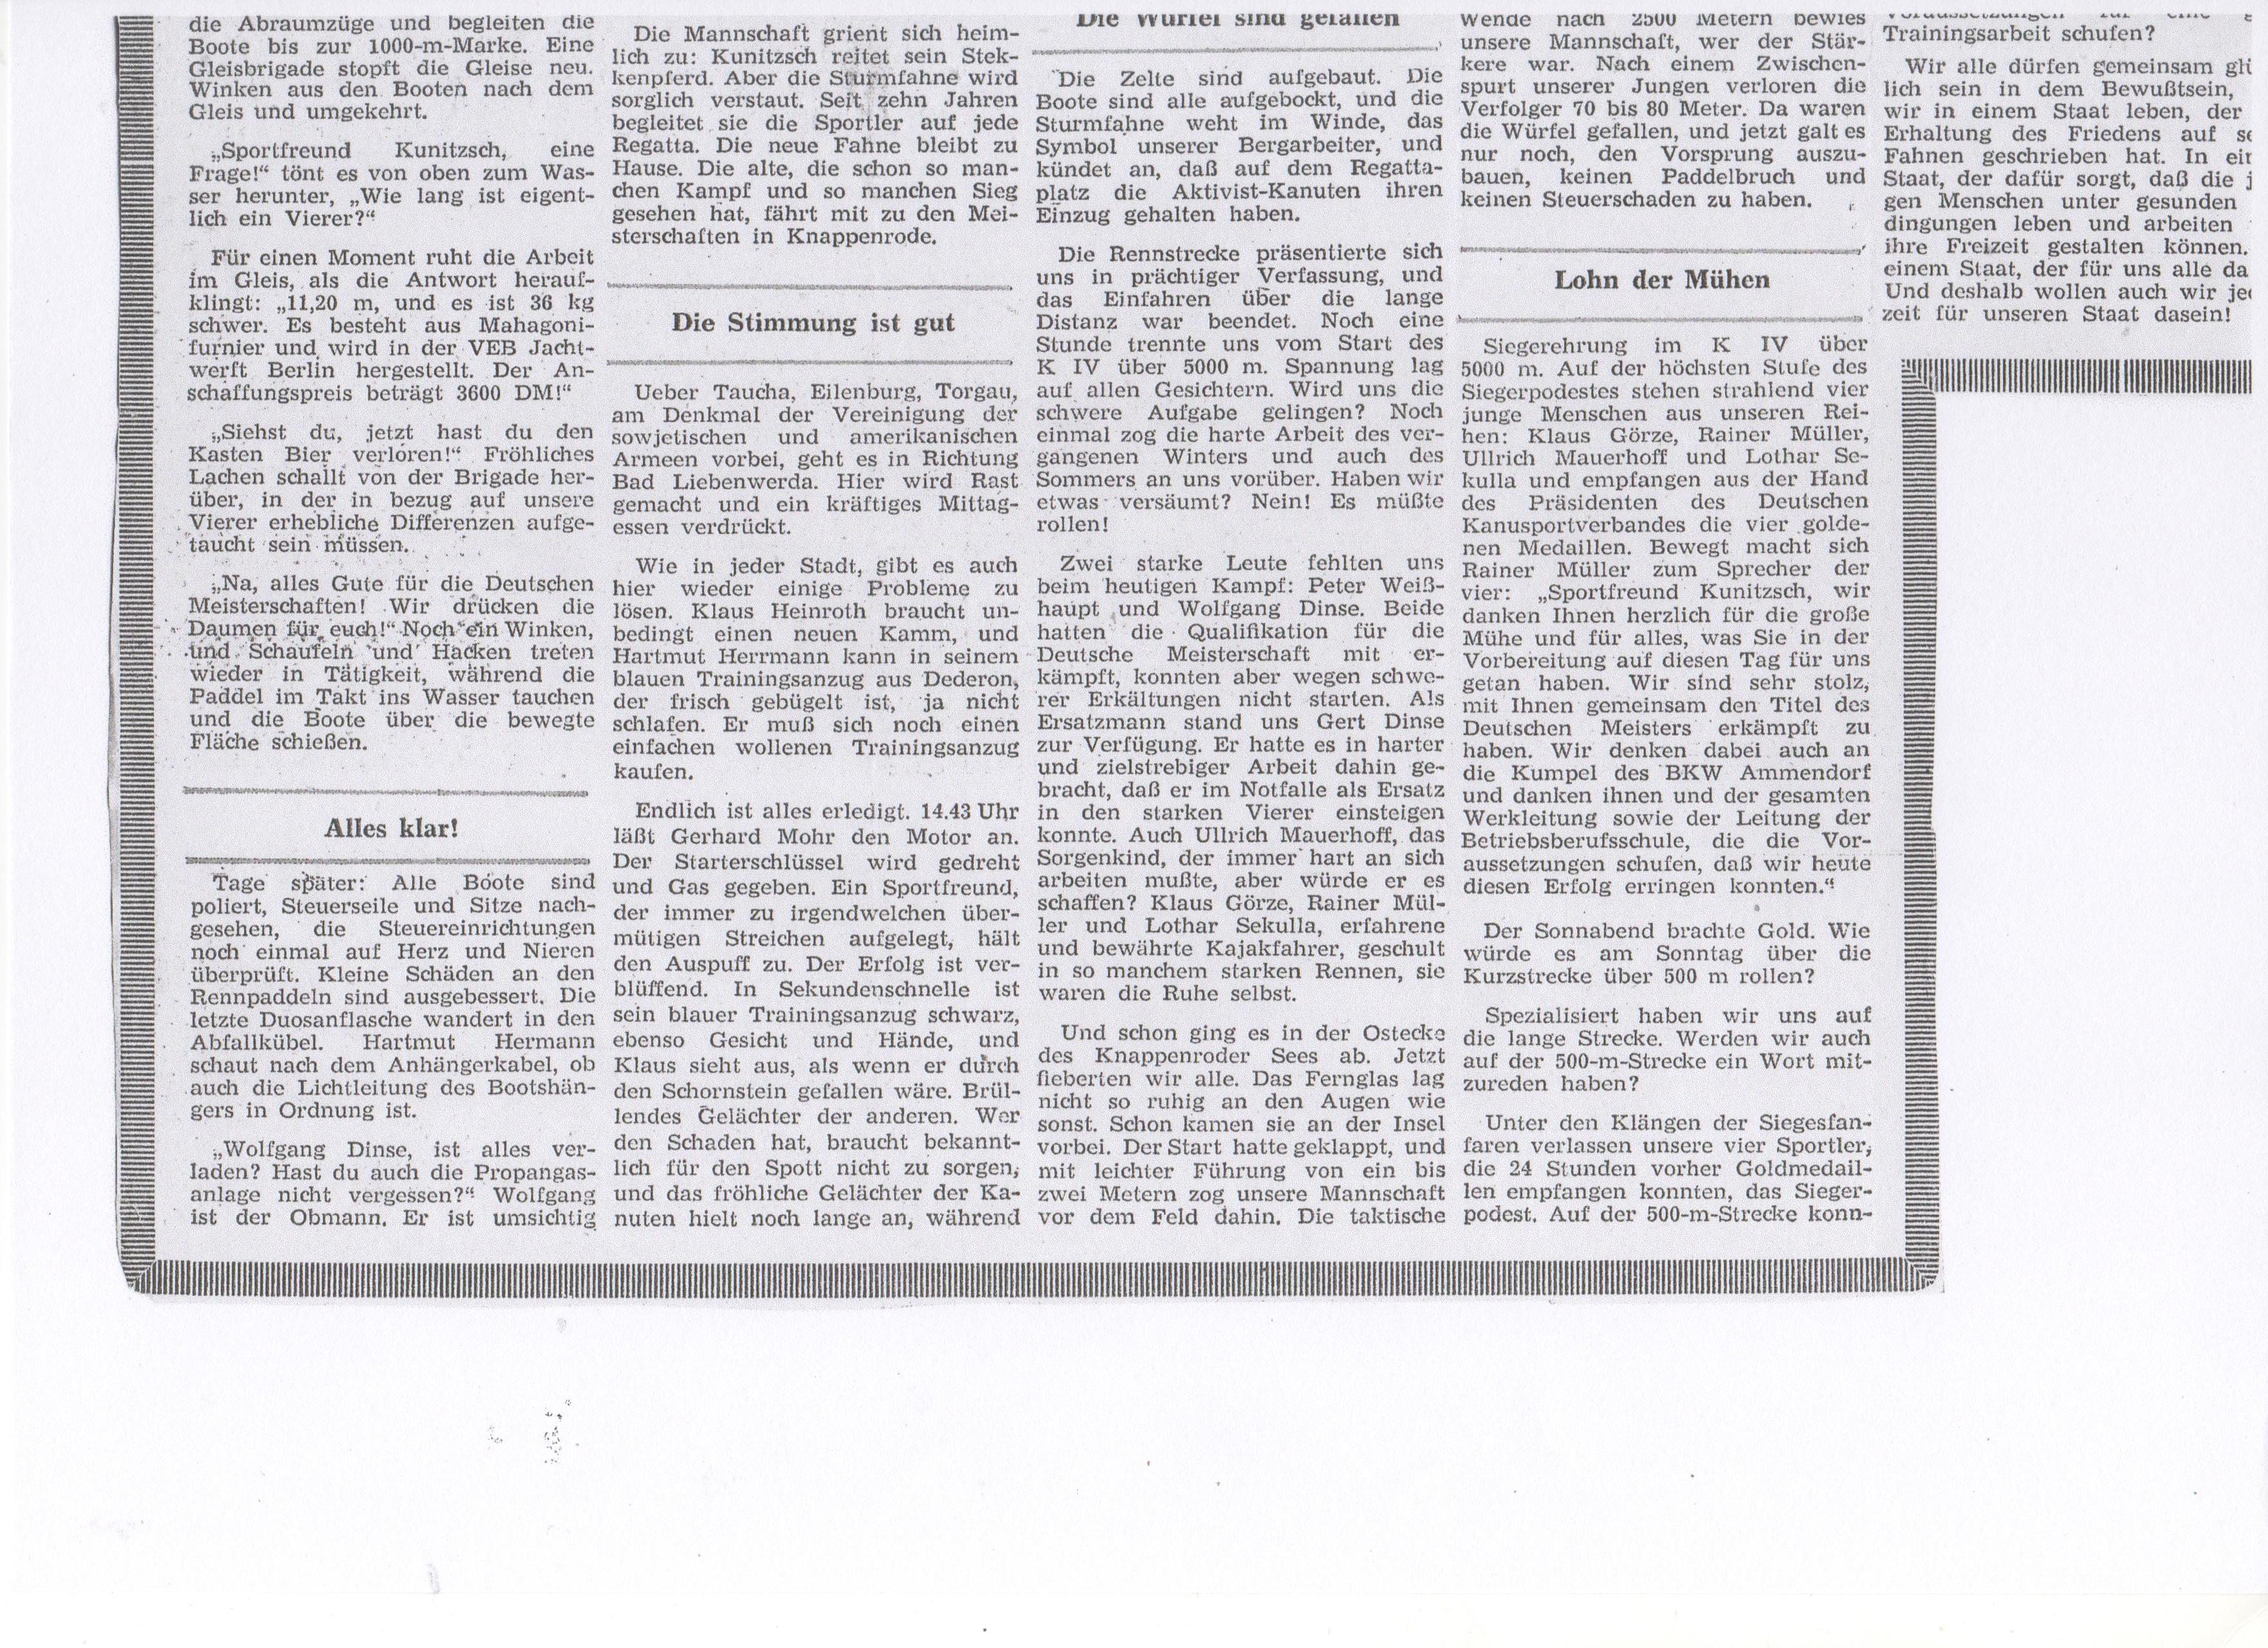 1963-Training, Kampf und Lorbeeren-Kanuten wurden Deutscher Meister im Vierer-Kajak (2)